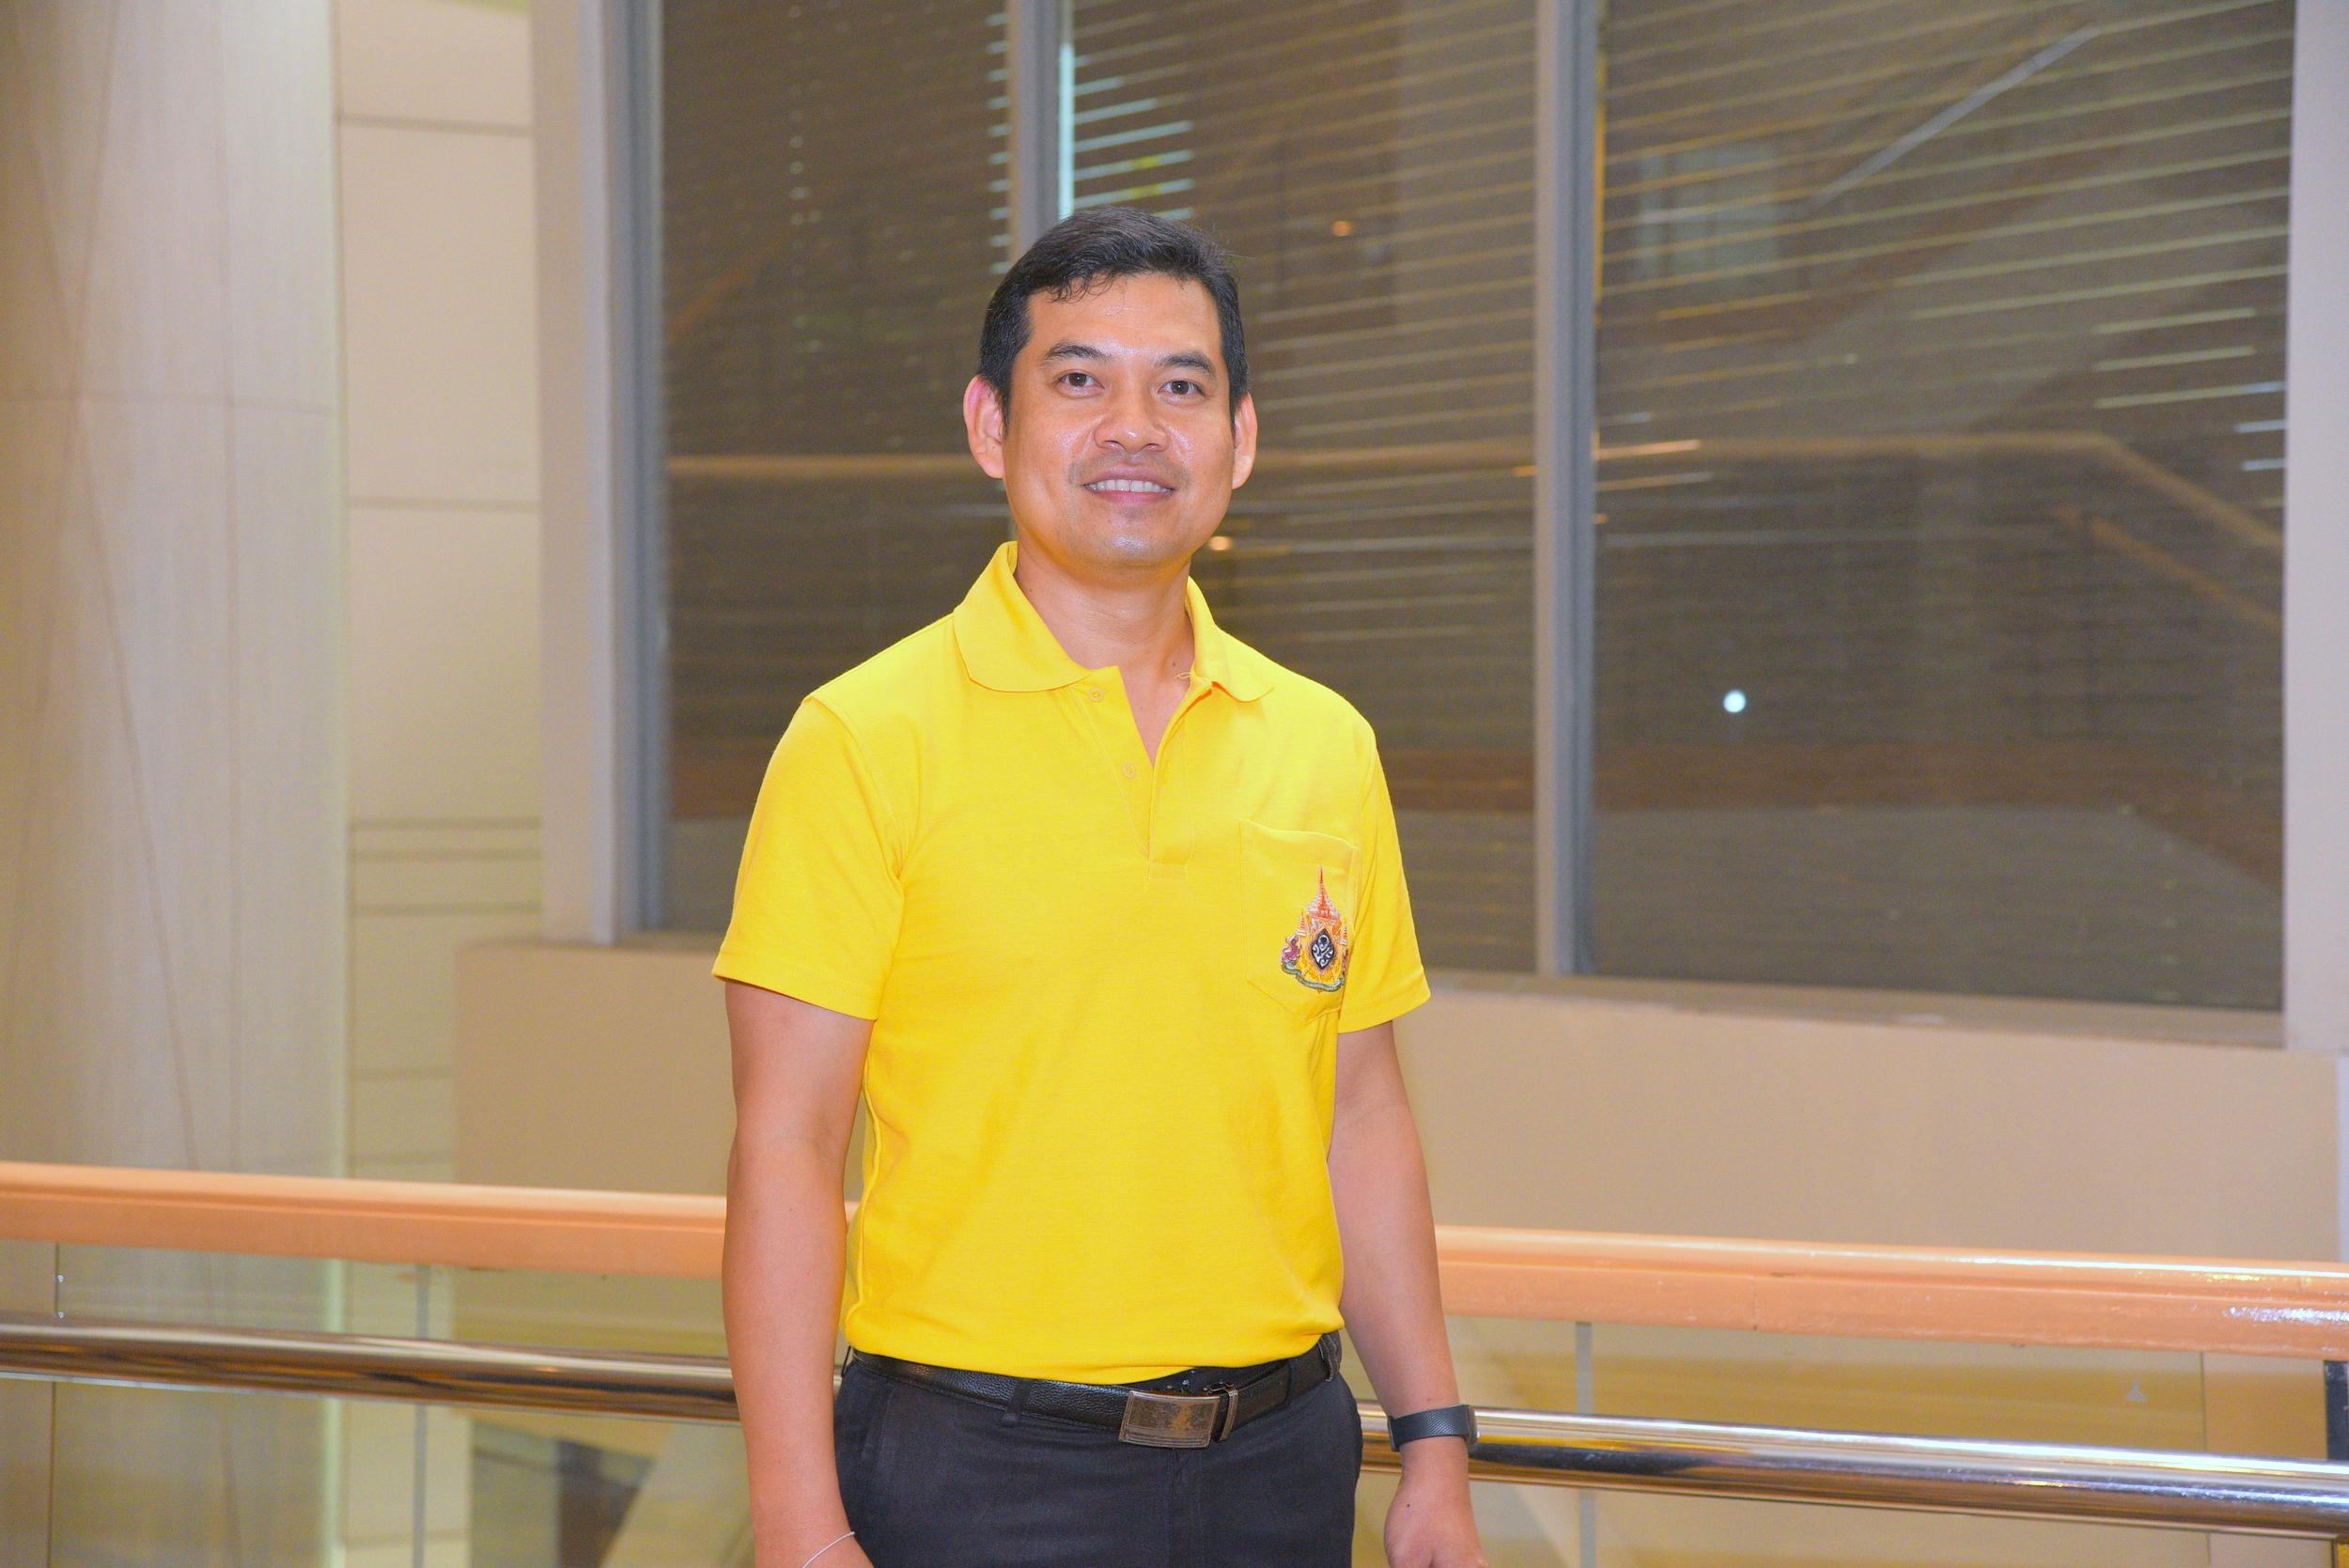 หลายหน่วยงาน ห่วงคนไทยติดเค็มจากวัฒนธรรมท้องถิ่น thaihealth